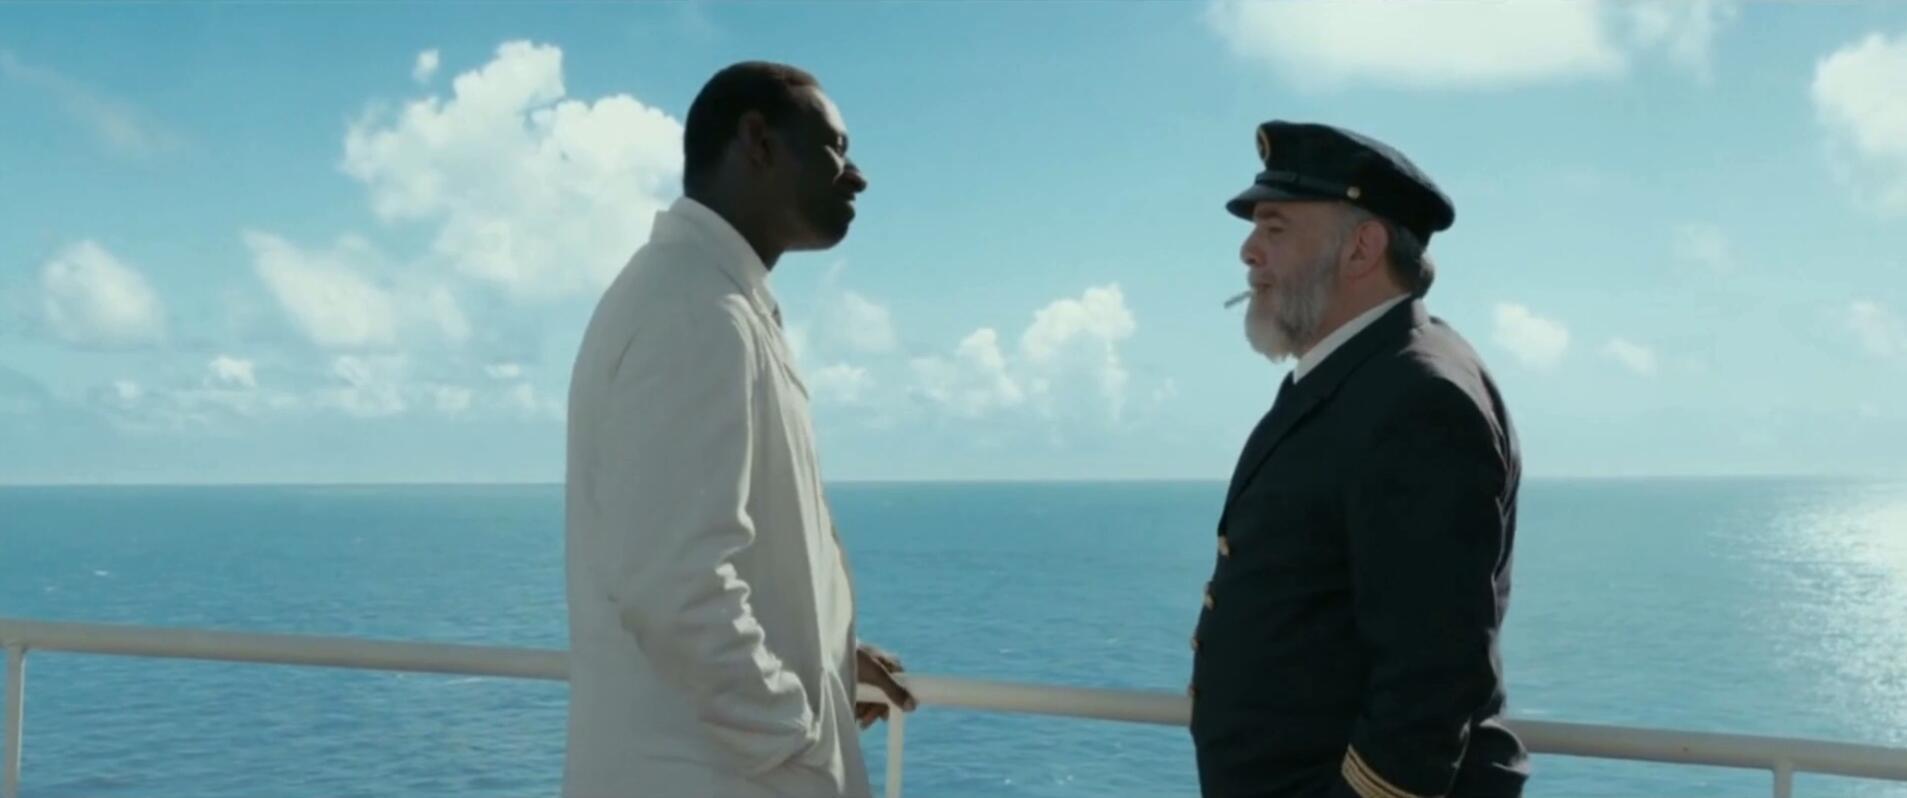 #经典看电影#轮船上致敬无间道,问路都能让你笑出皱纹